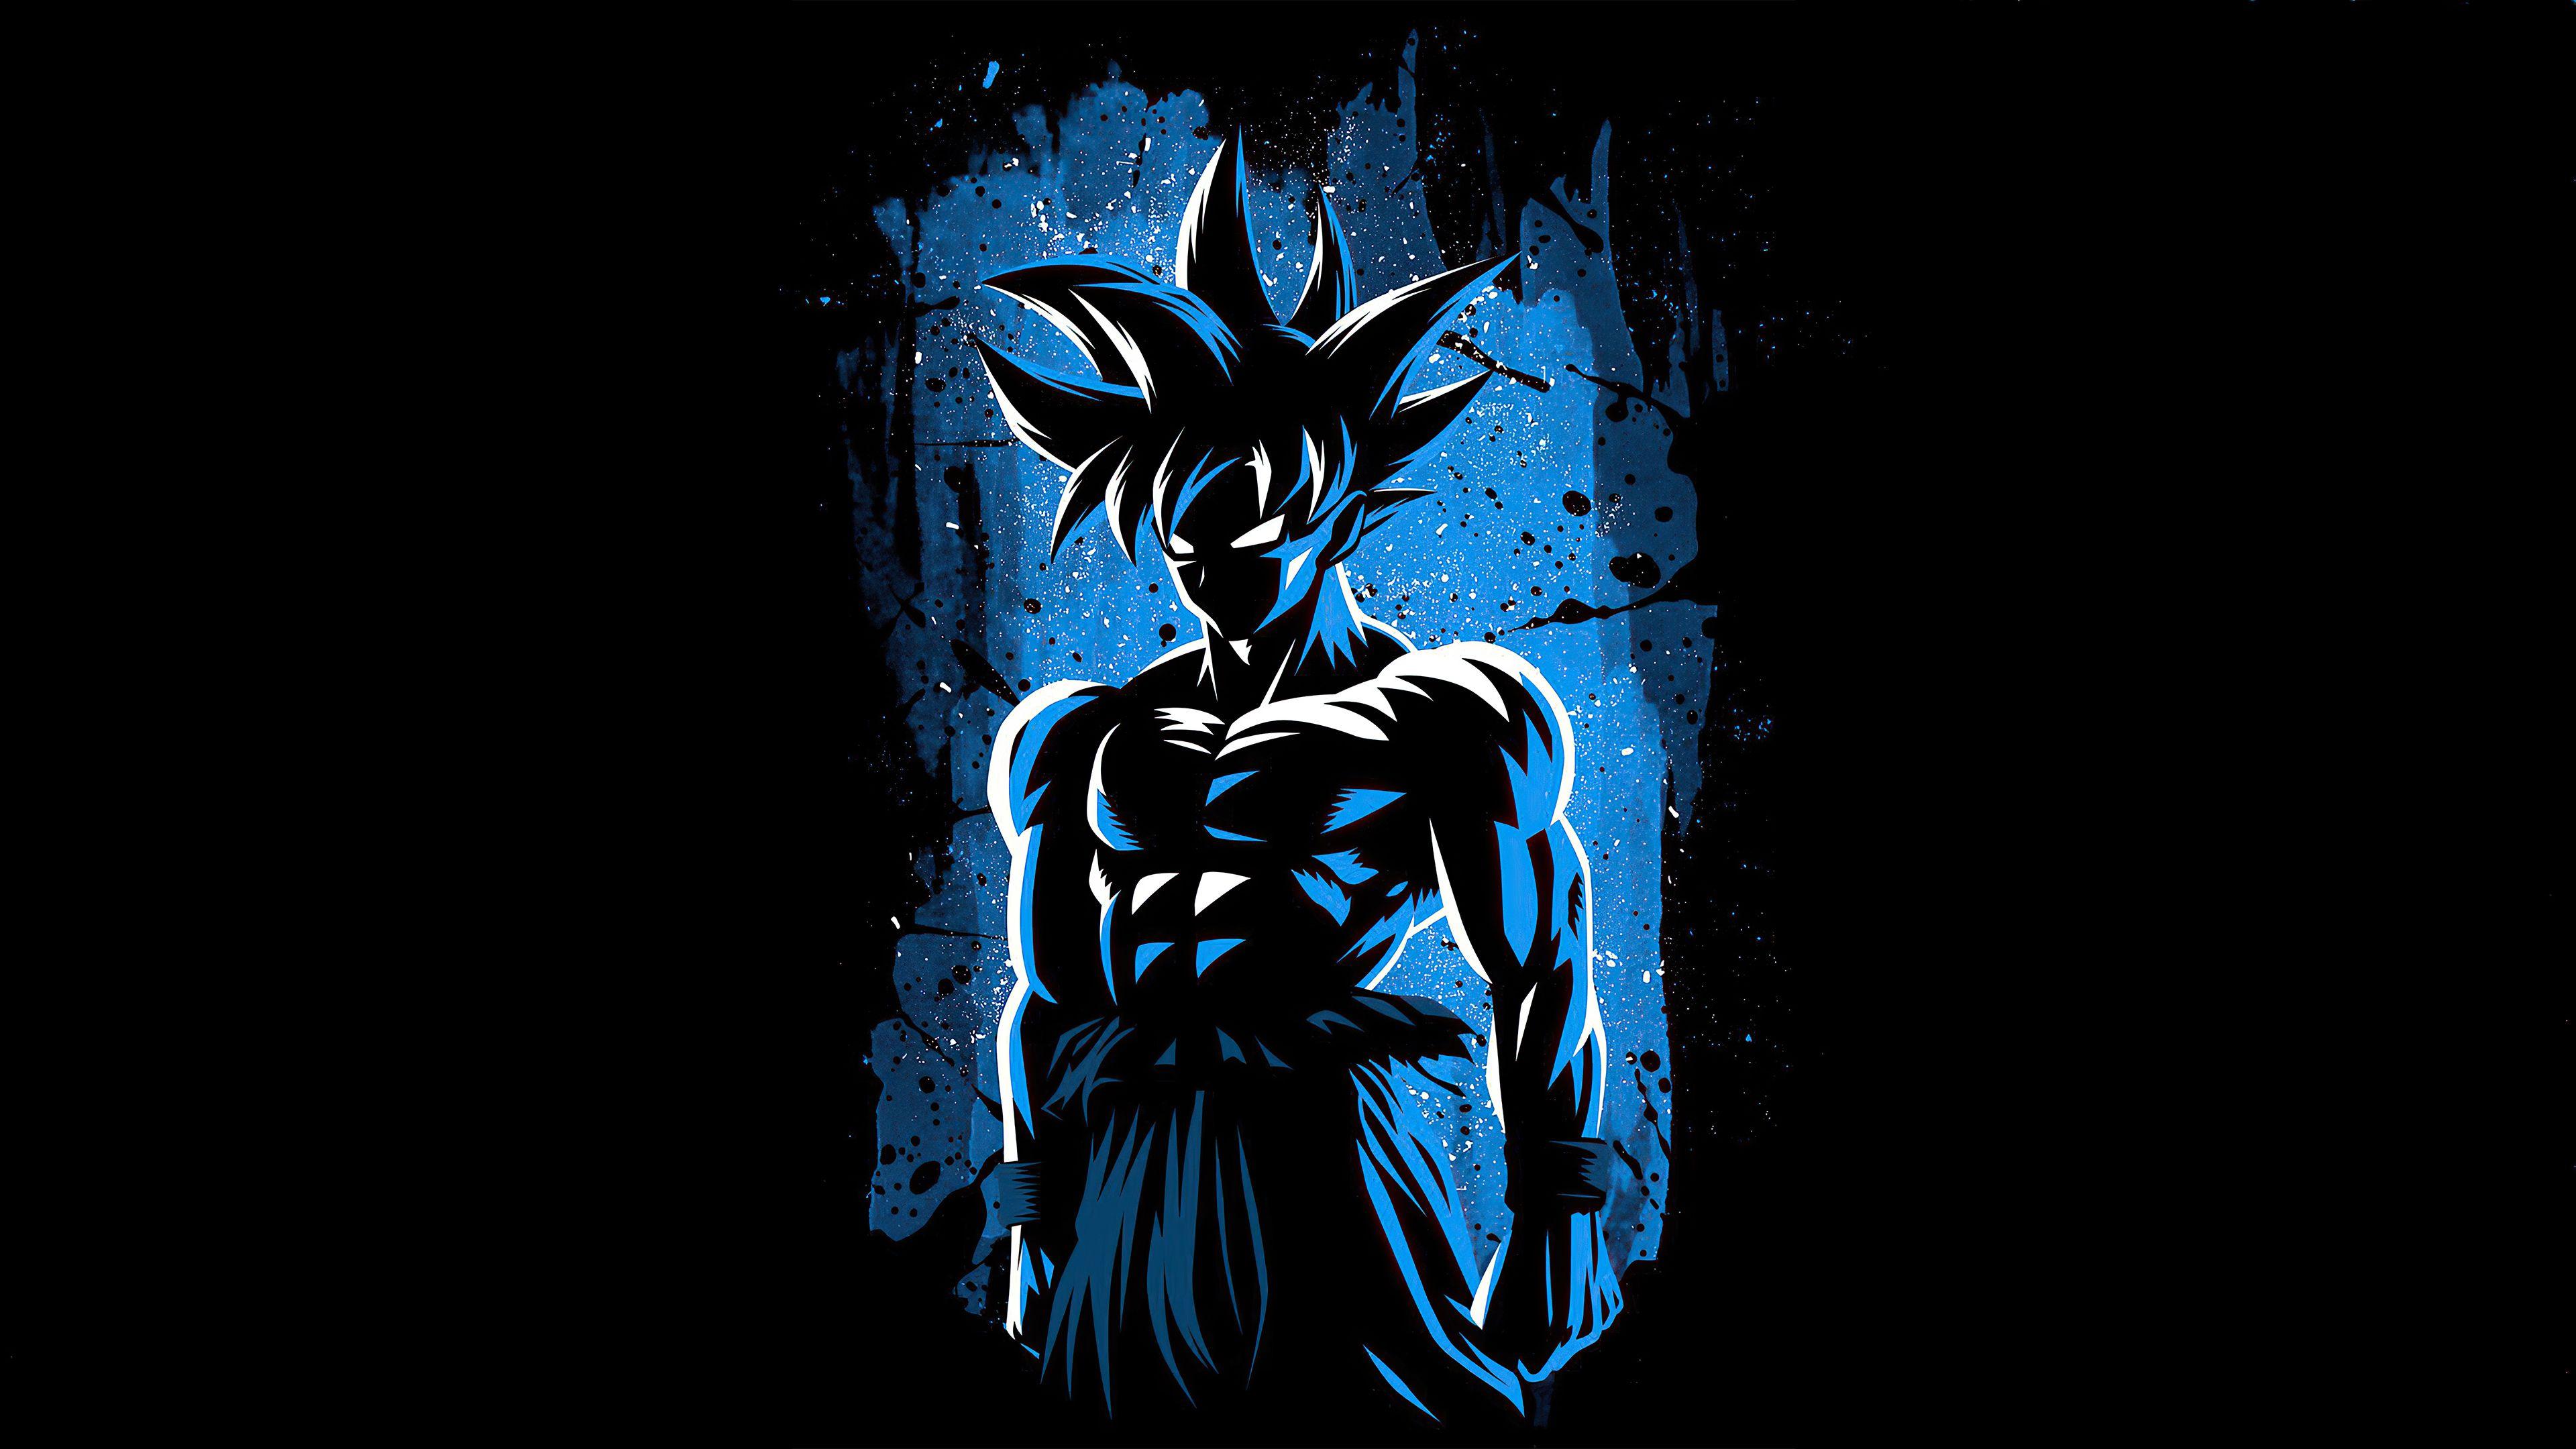 Goku 2020 New 4k Goku 2020 New 4k Wallpapers New 4k Wallpaper Anime Wallpaper Wallpaper